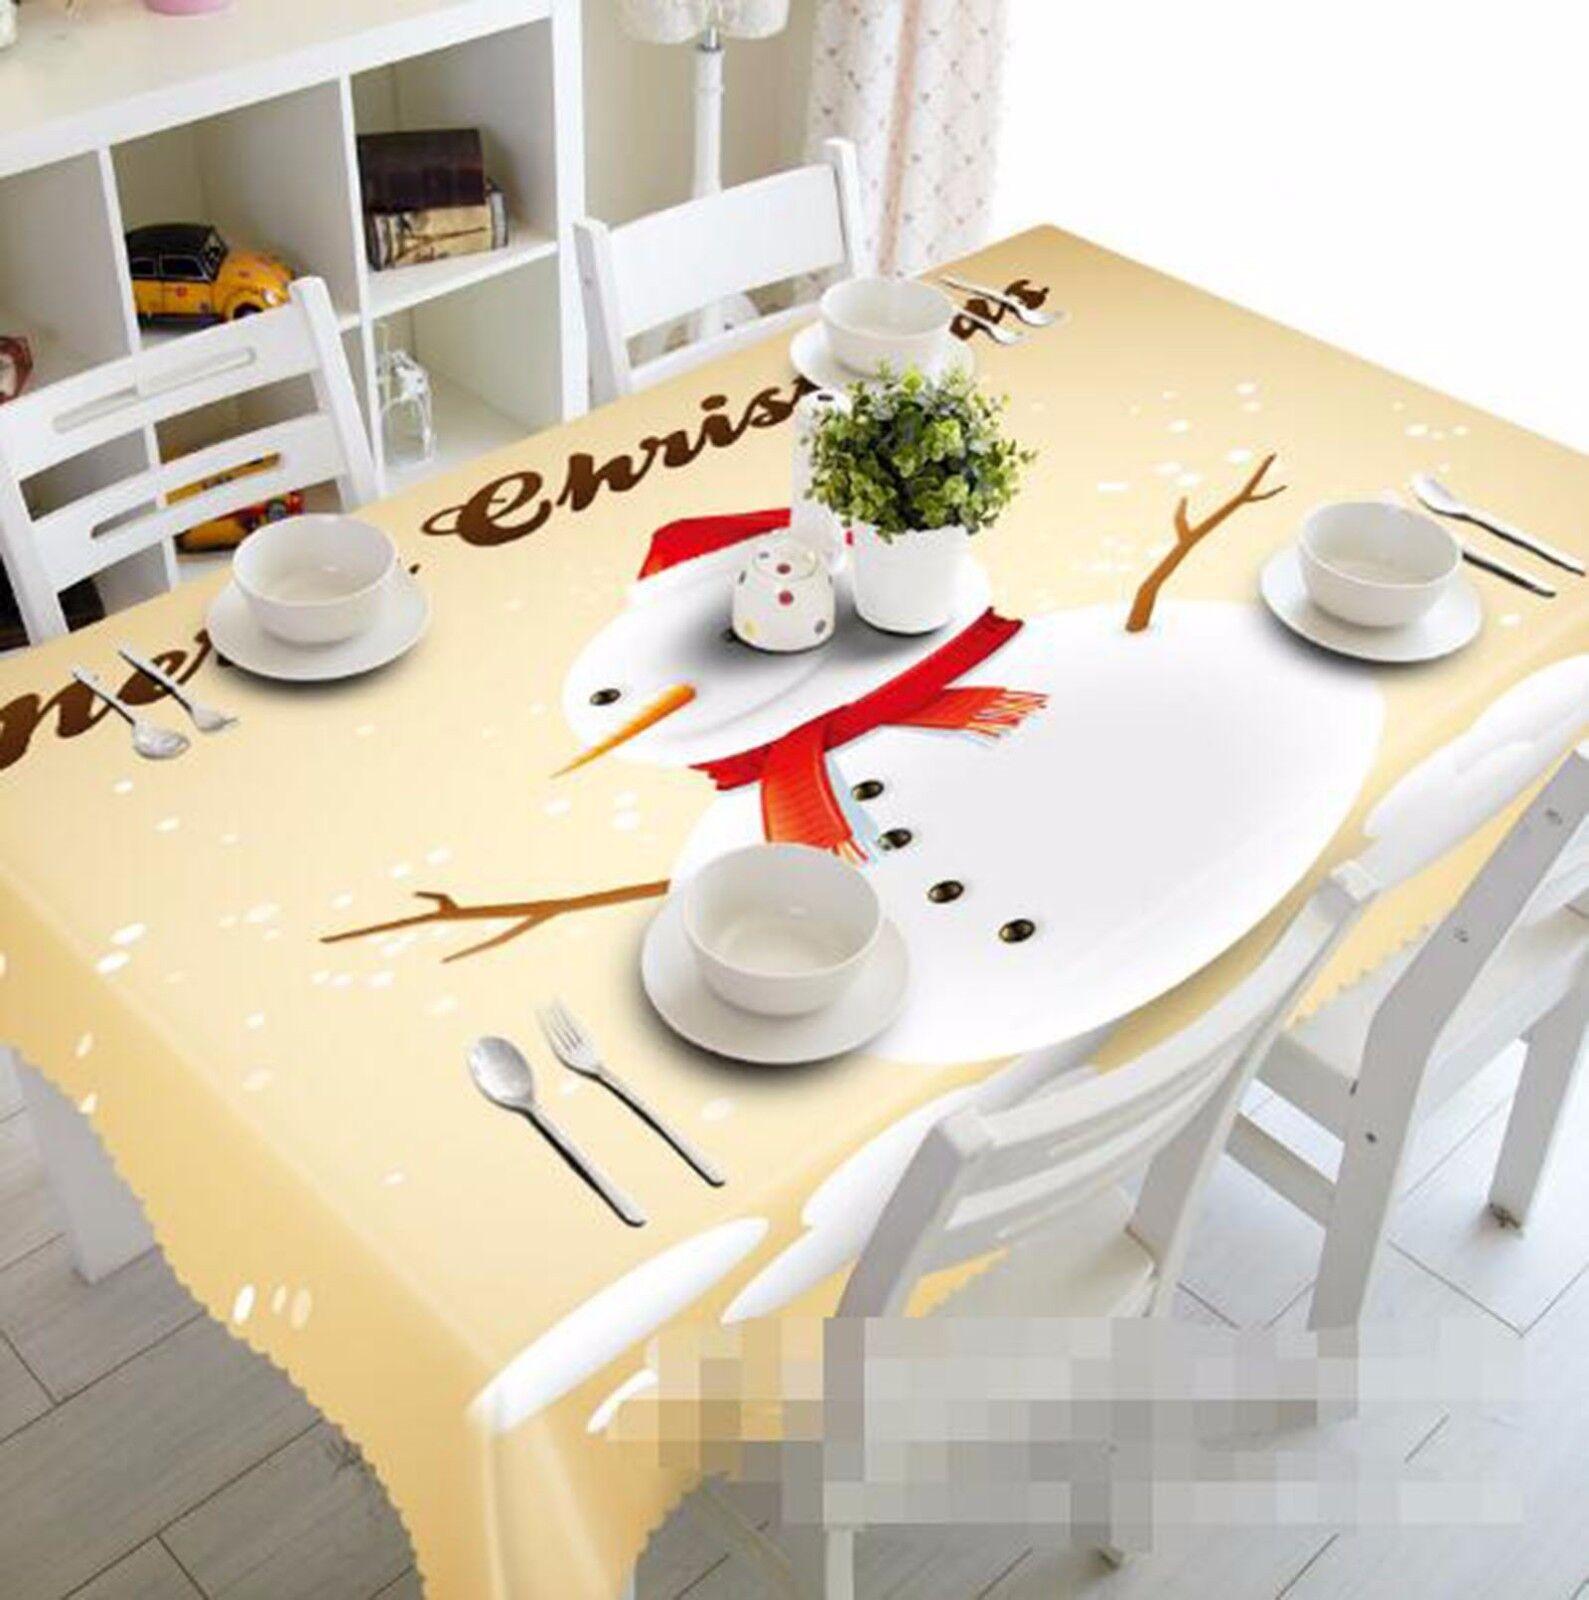 3D Bonhomme de neige 43 Nappe Table Cover Cloth fête d'anniversaire AJ papier peint Royaume-Uni Citron